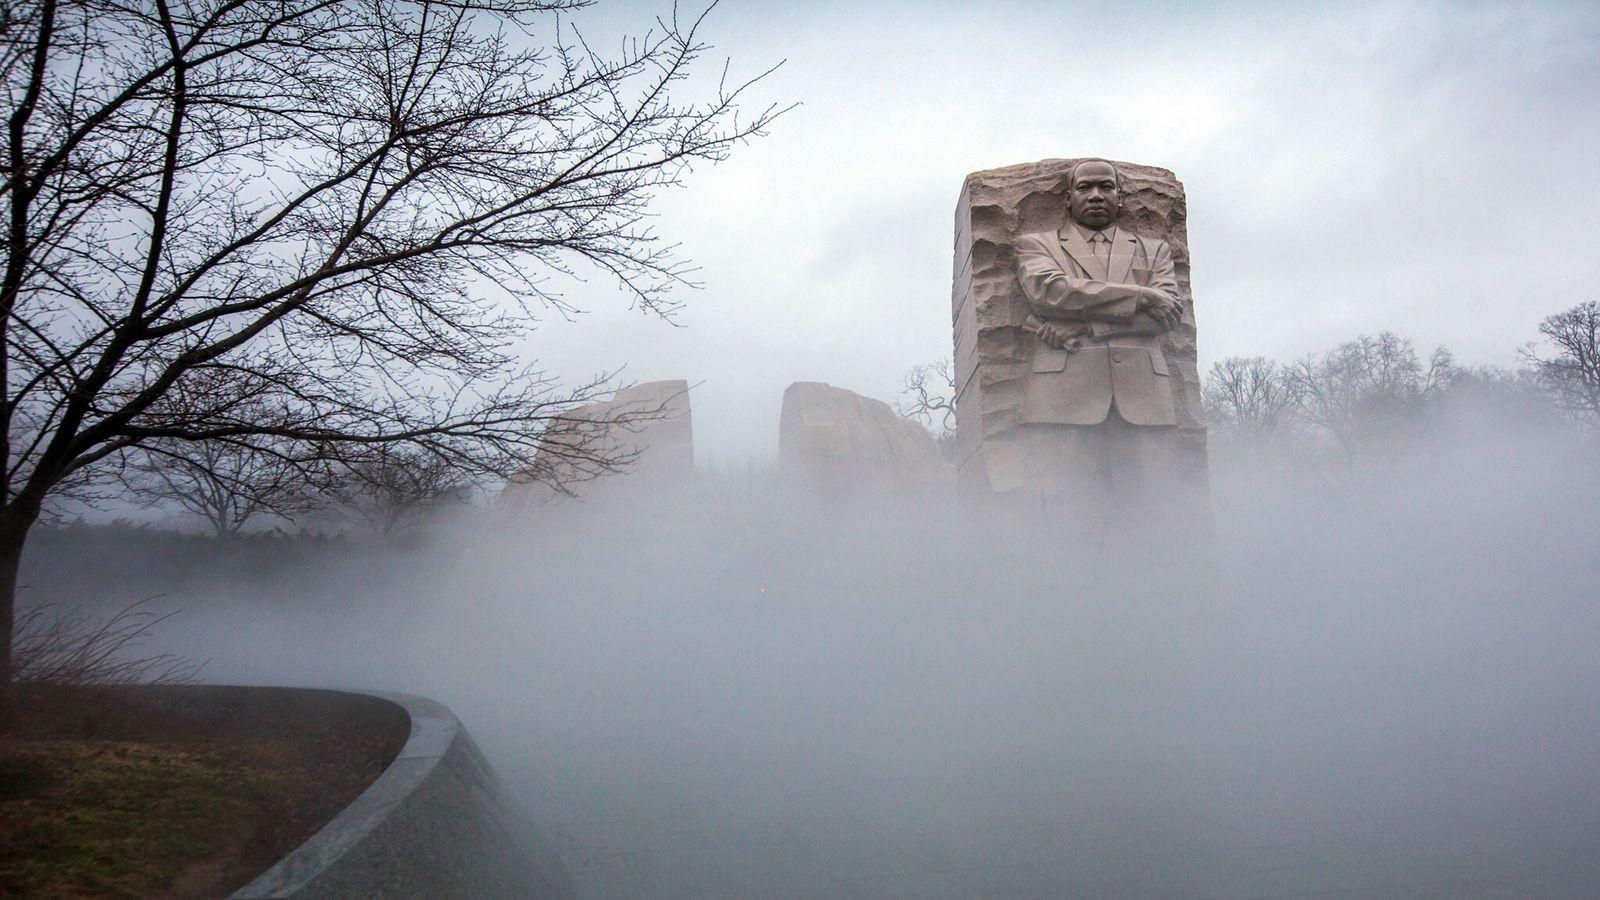 La niebla cubre el Monumento a Martin Luther King Jr. en Washington, el viernes 12 de ...